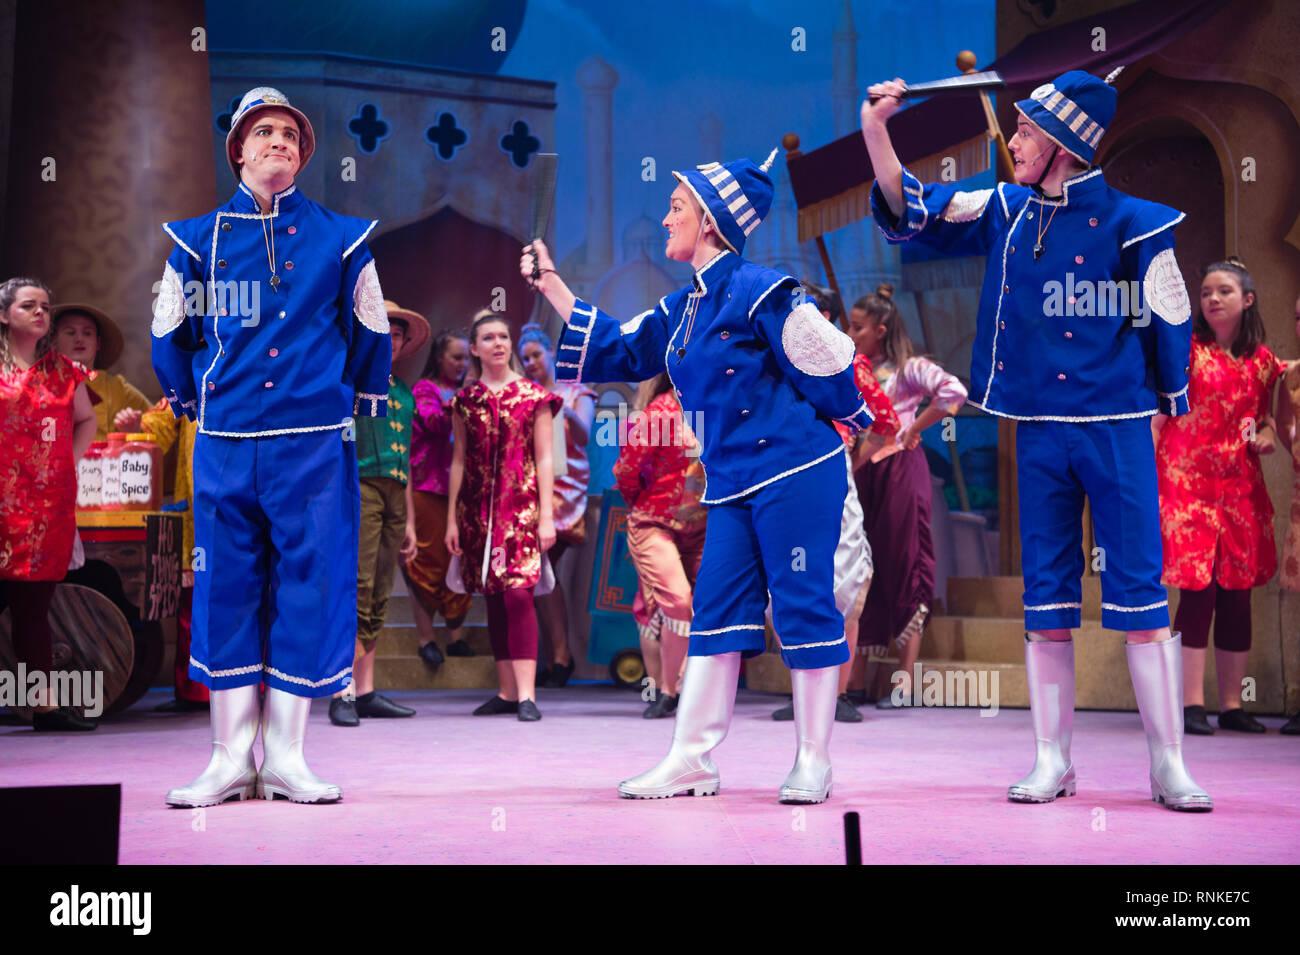 La pantomima británica tradicional entretenimiento familiar de Navidad : un aficionado no profesional de la compañía de teatro local (Los guardianes) actuando en el escenario en Aberystwyth Arts Centere. Enero de 2019 Imagen De Stock